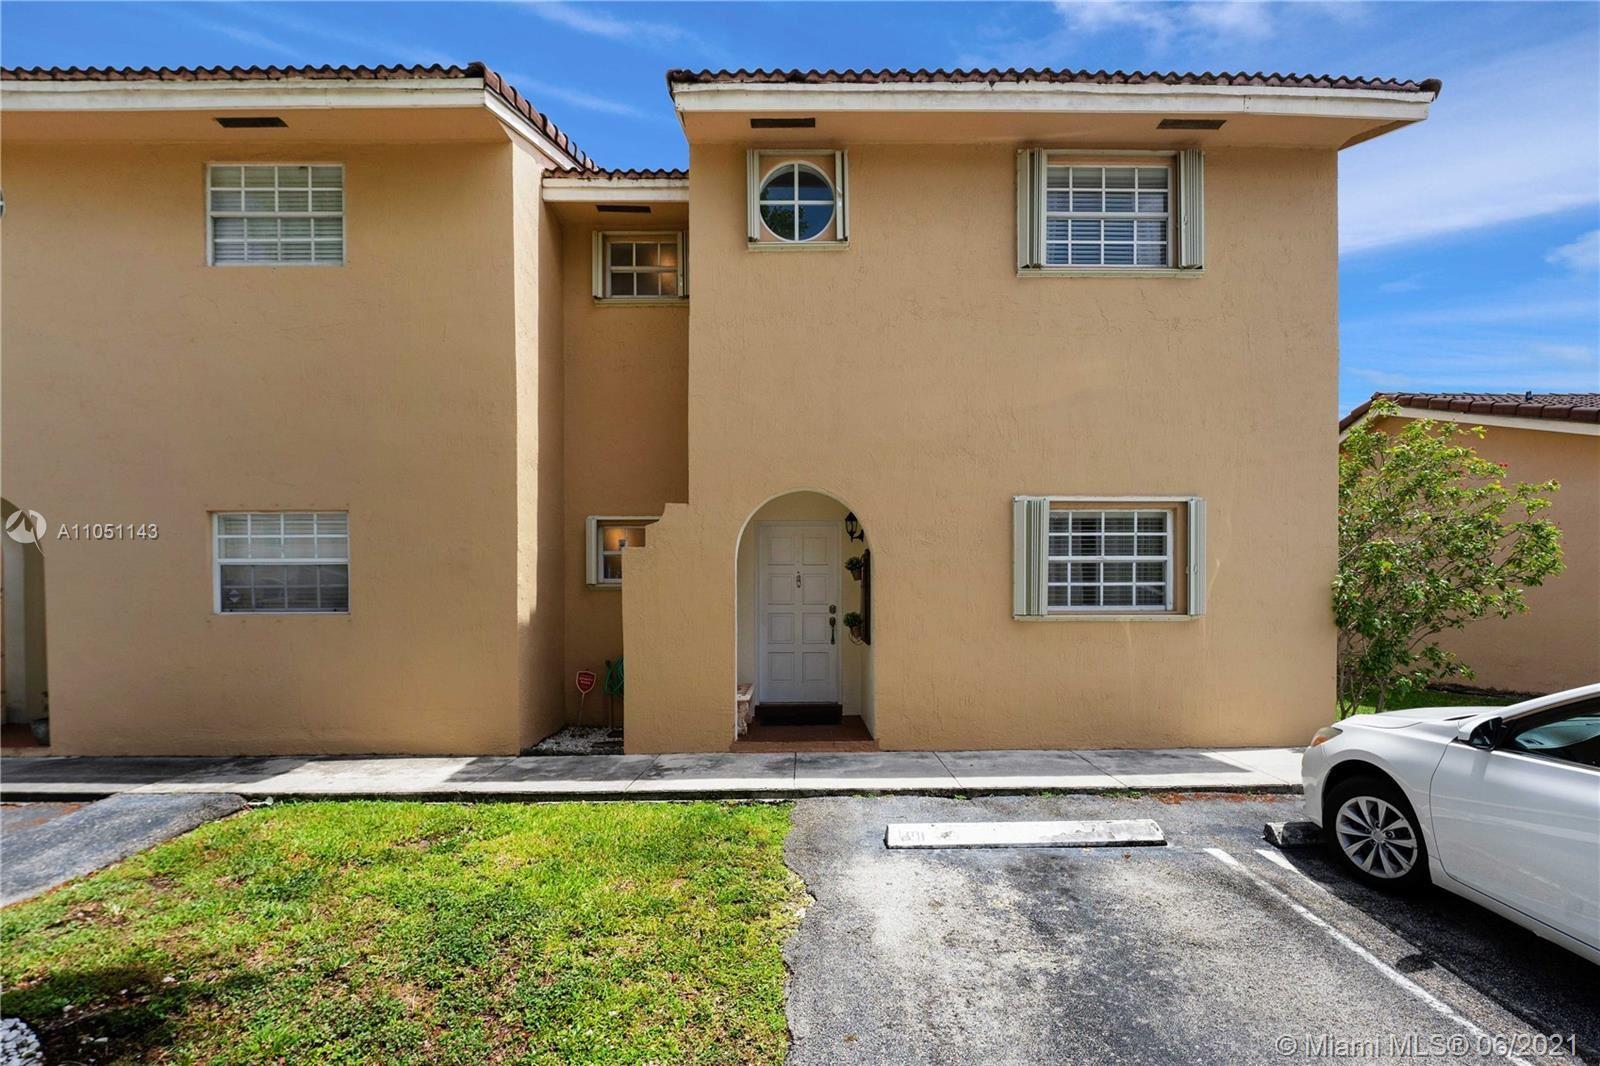 13457 SW 62nd St #64, Miami, FL 33183 - #: A11051143